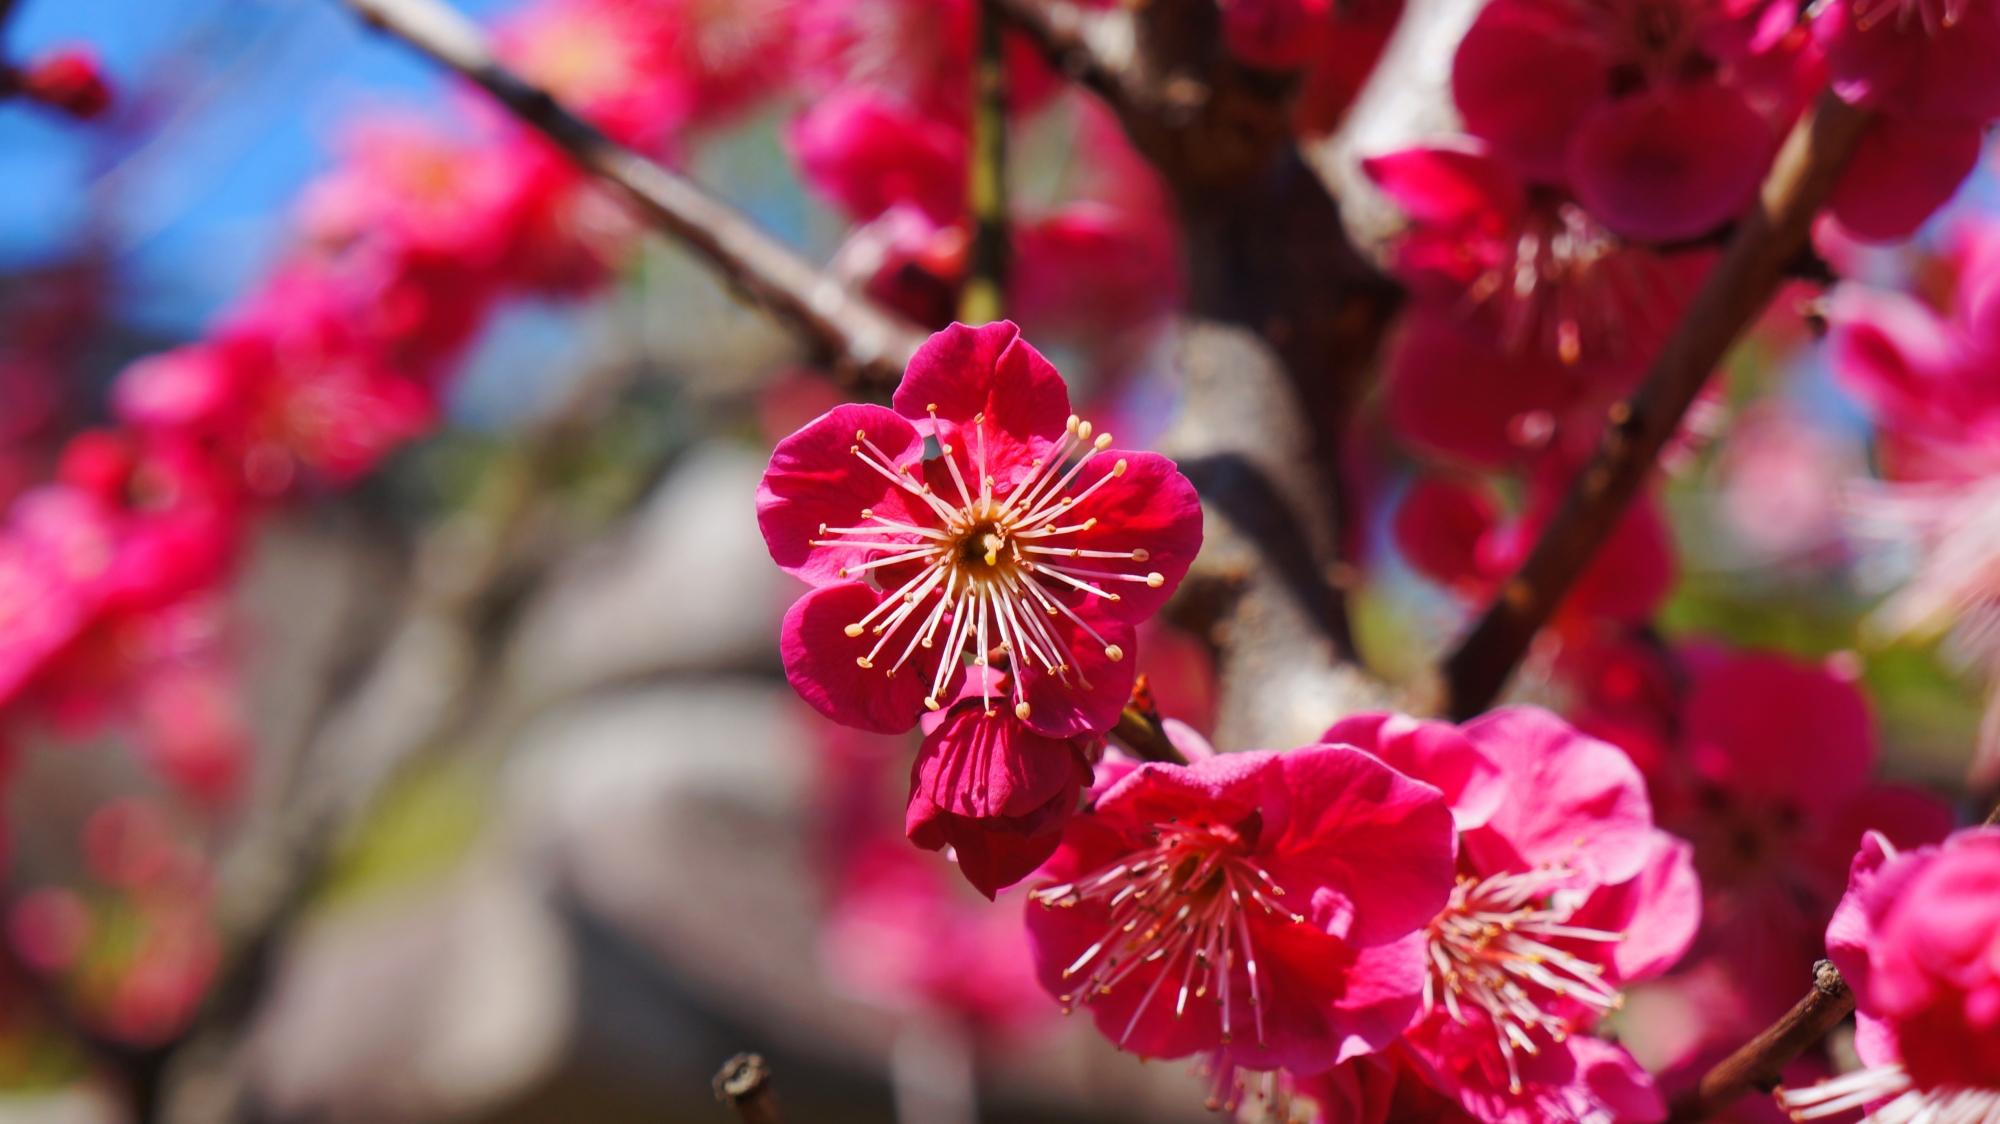 梅宮大社の春先の鮮烈な彩り